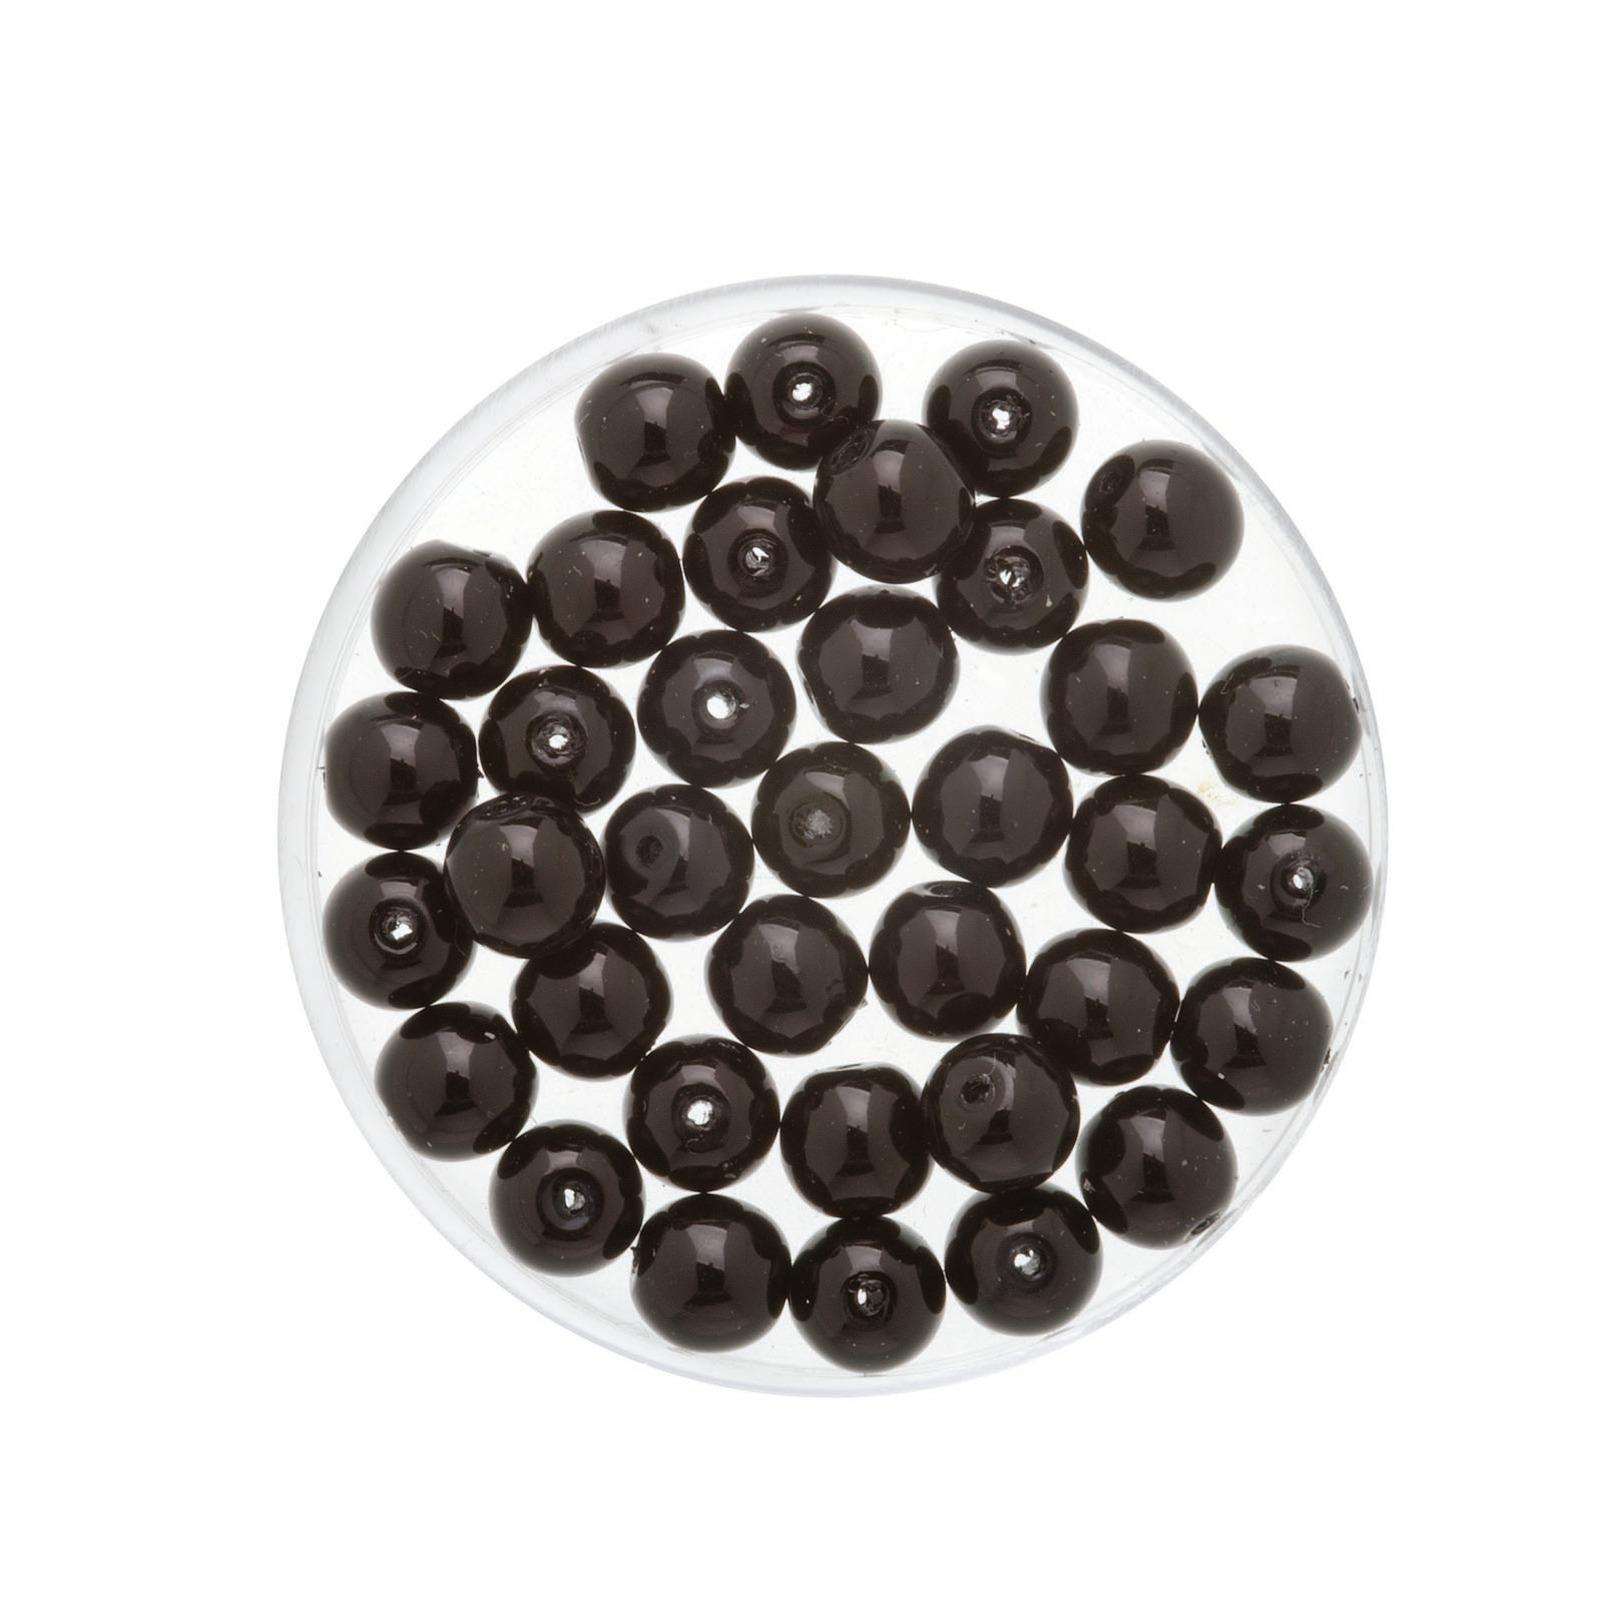 50x stuks sieraden maken Boheemse glaskralen in het transparant zwart van 6 mm